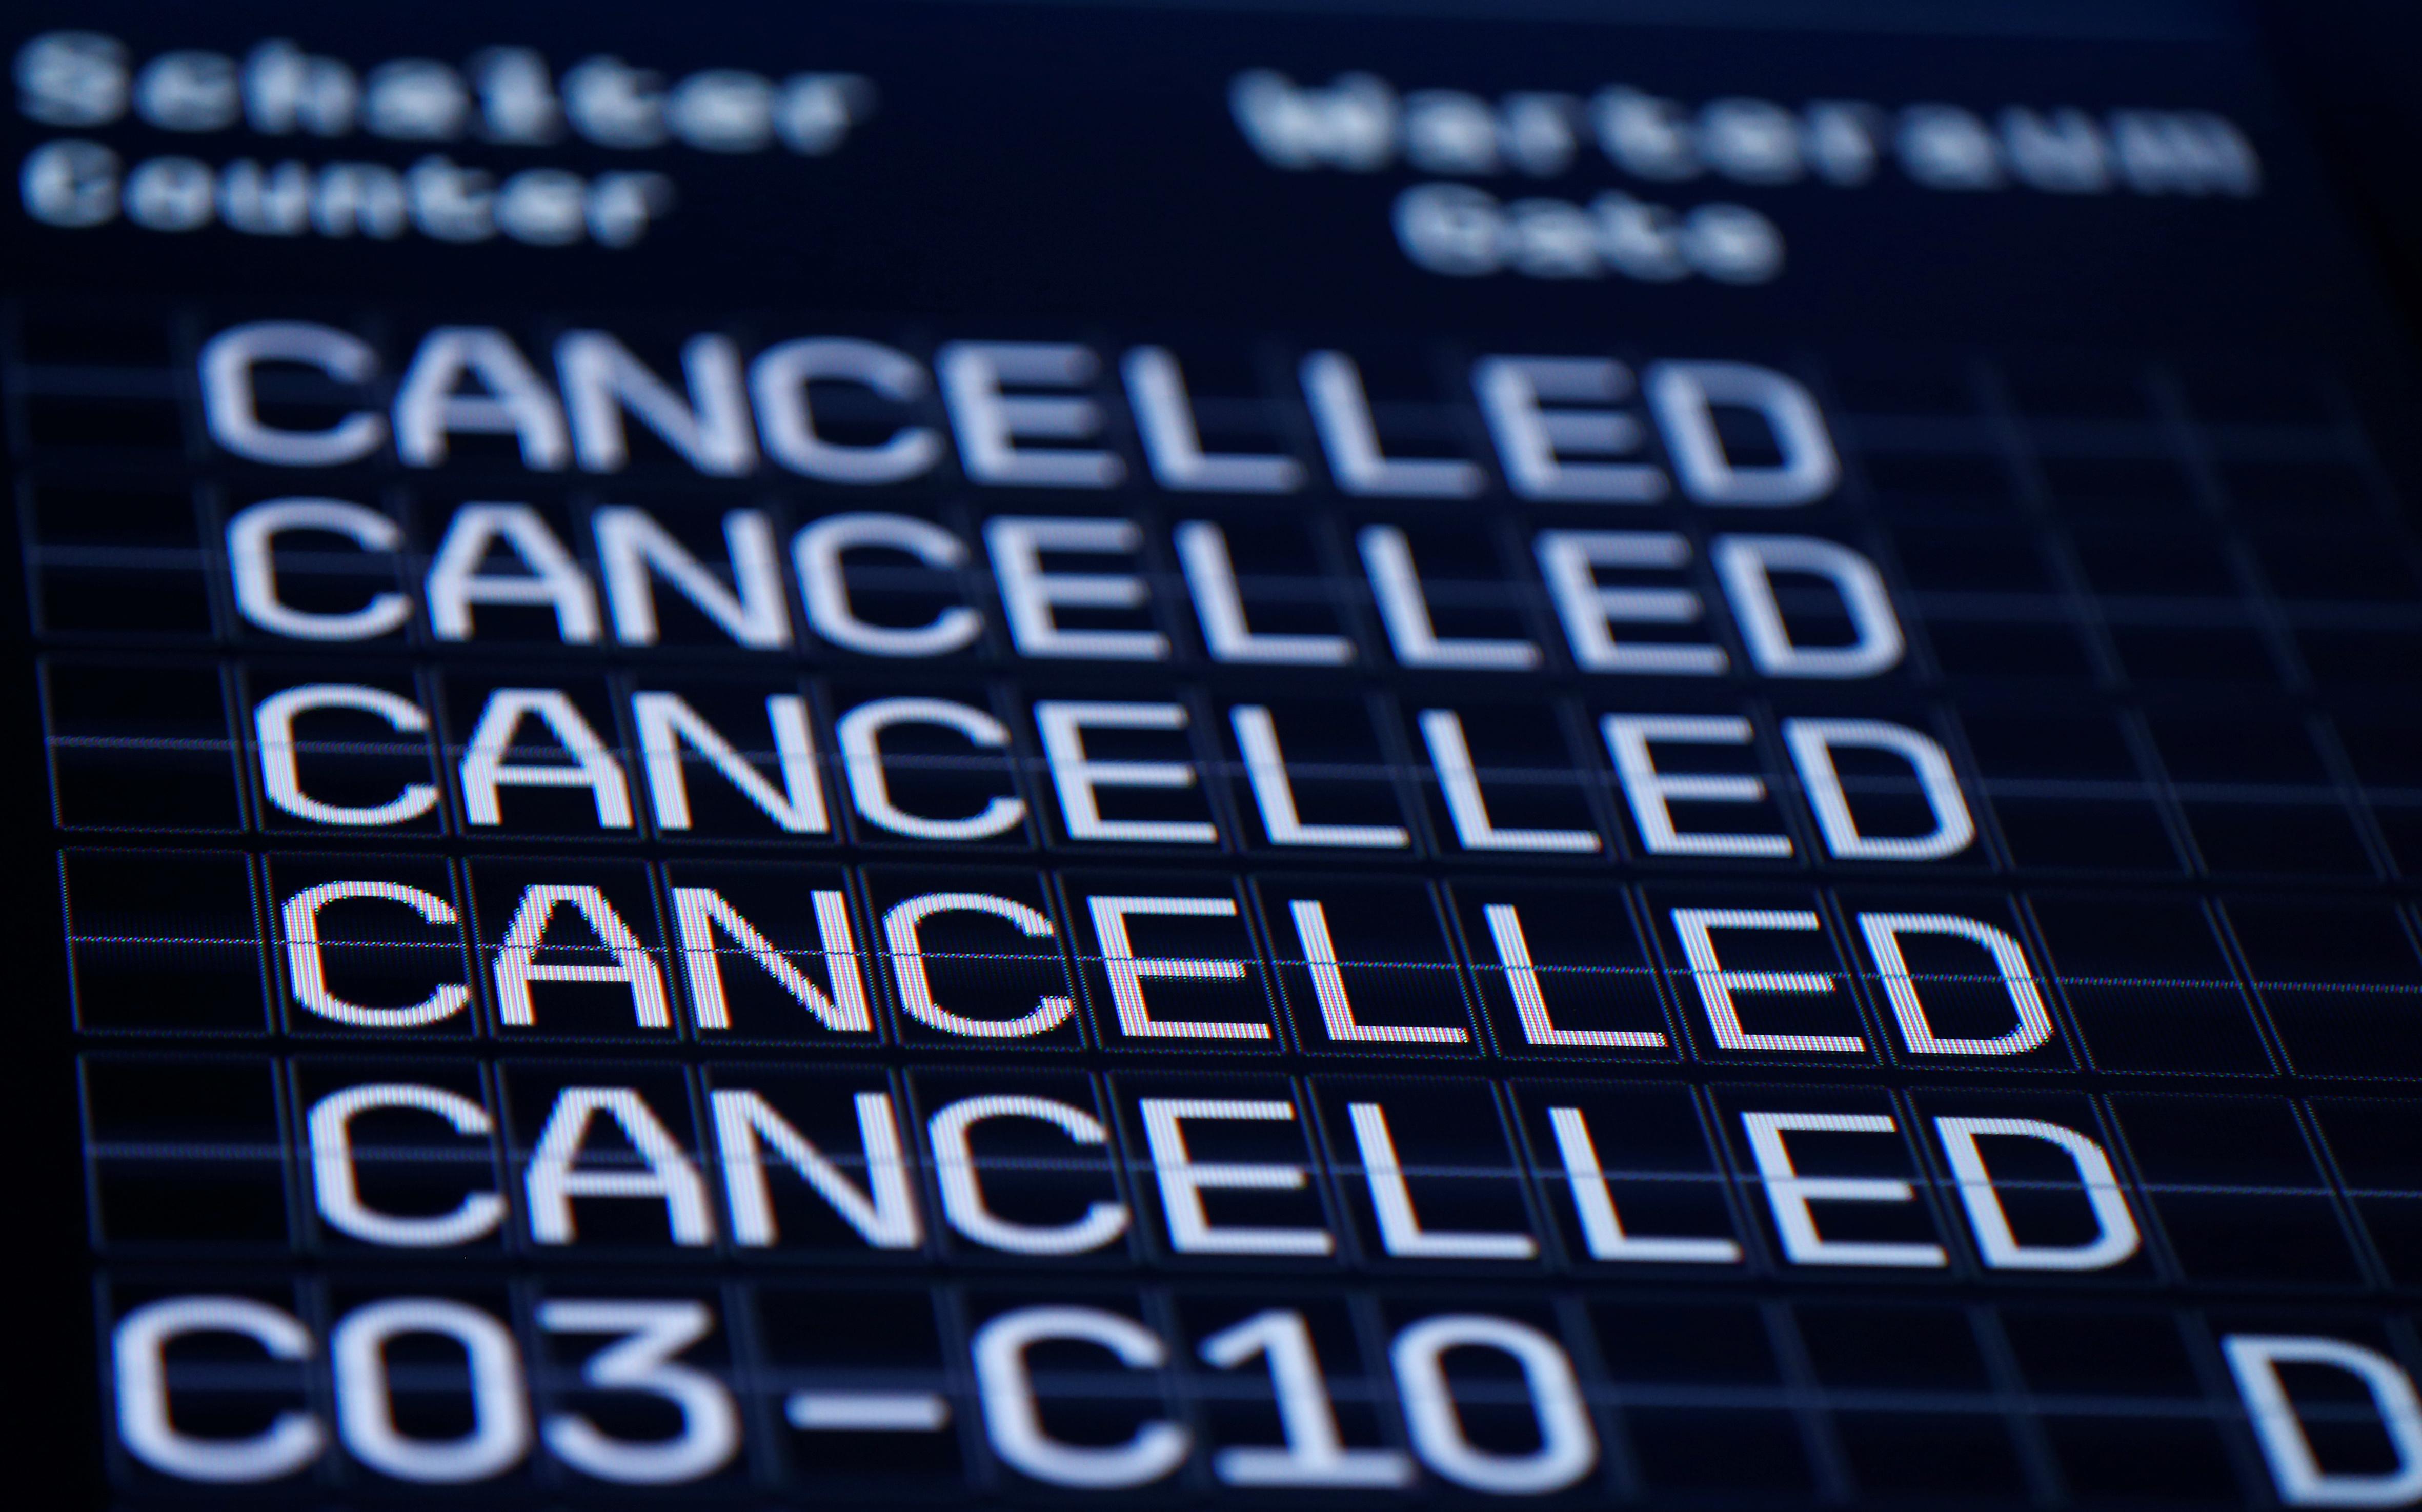 Ιράν: Ακυρώνουν τις πτήσεις προς Τεχεράνη μεγάλες αεροπορικές εταιρείες